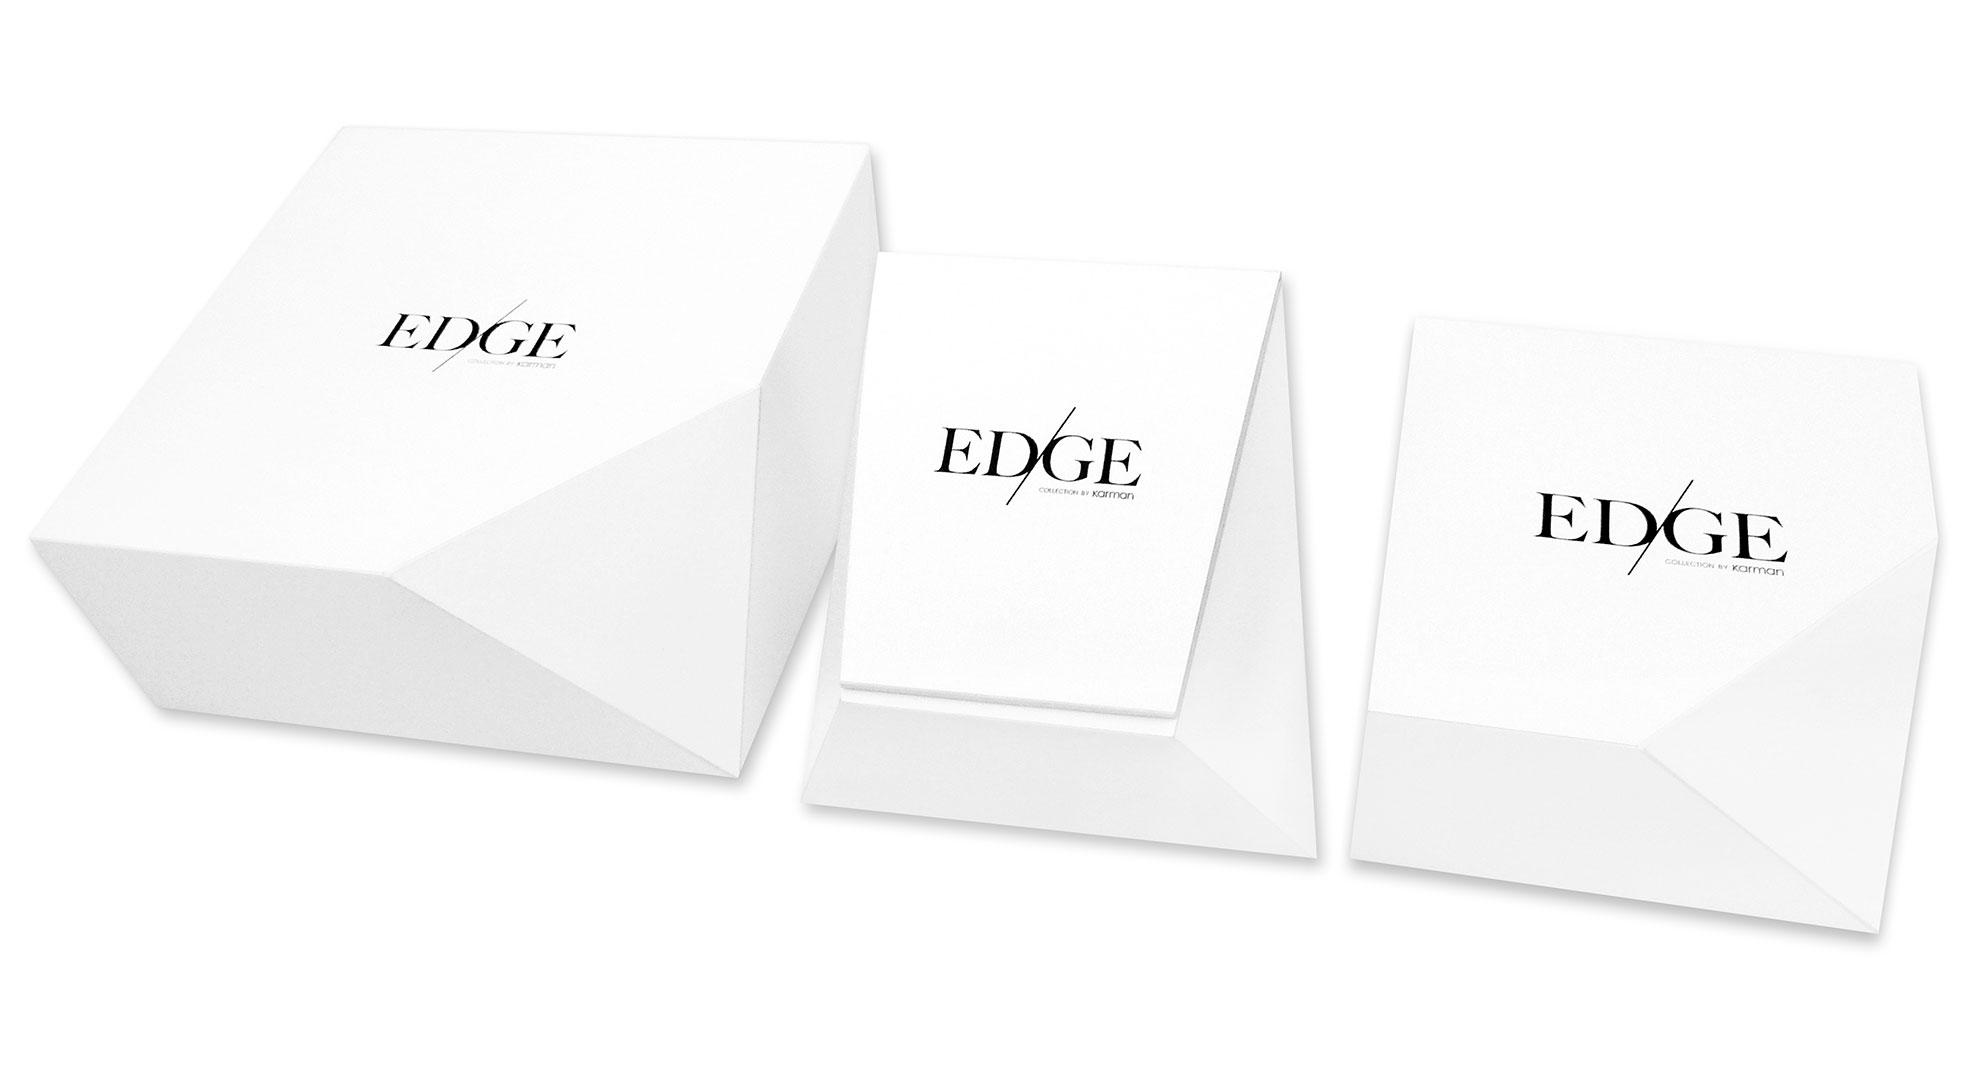 883-karman-edge-1